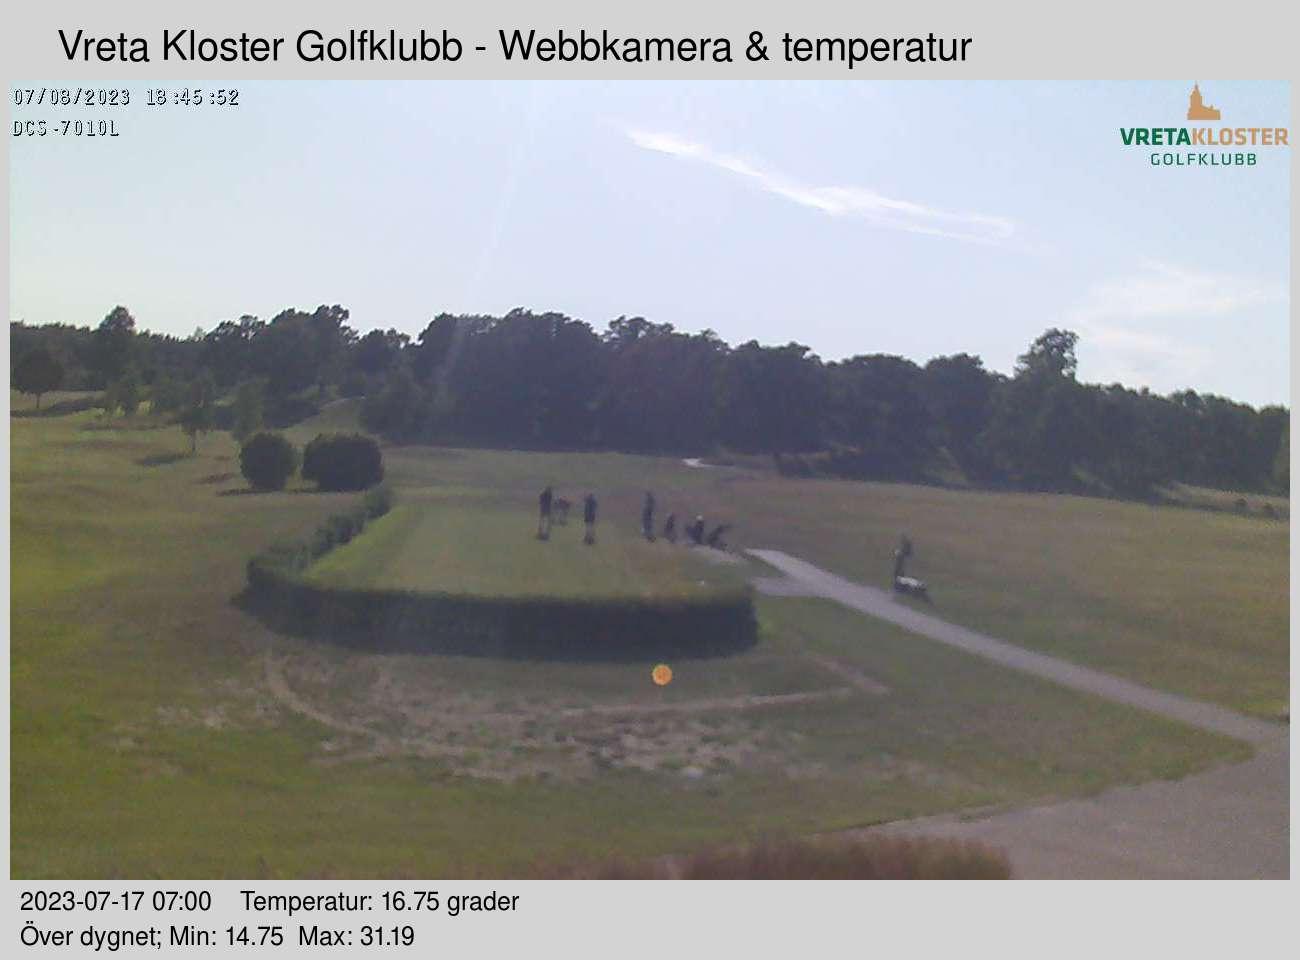 Webbkamera - Vreta Kloster Golfklubb